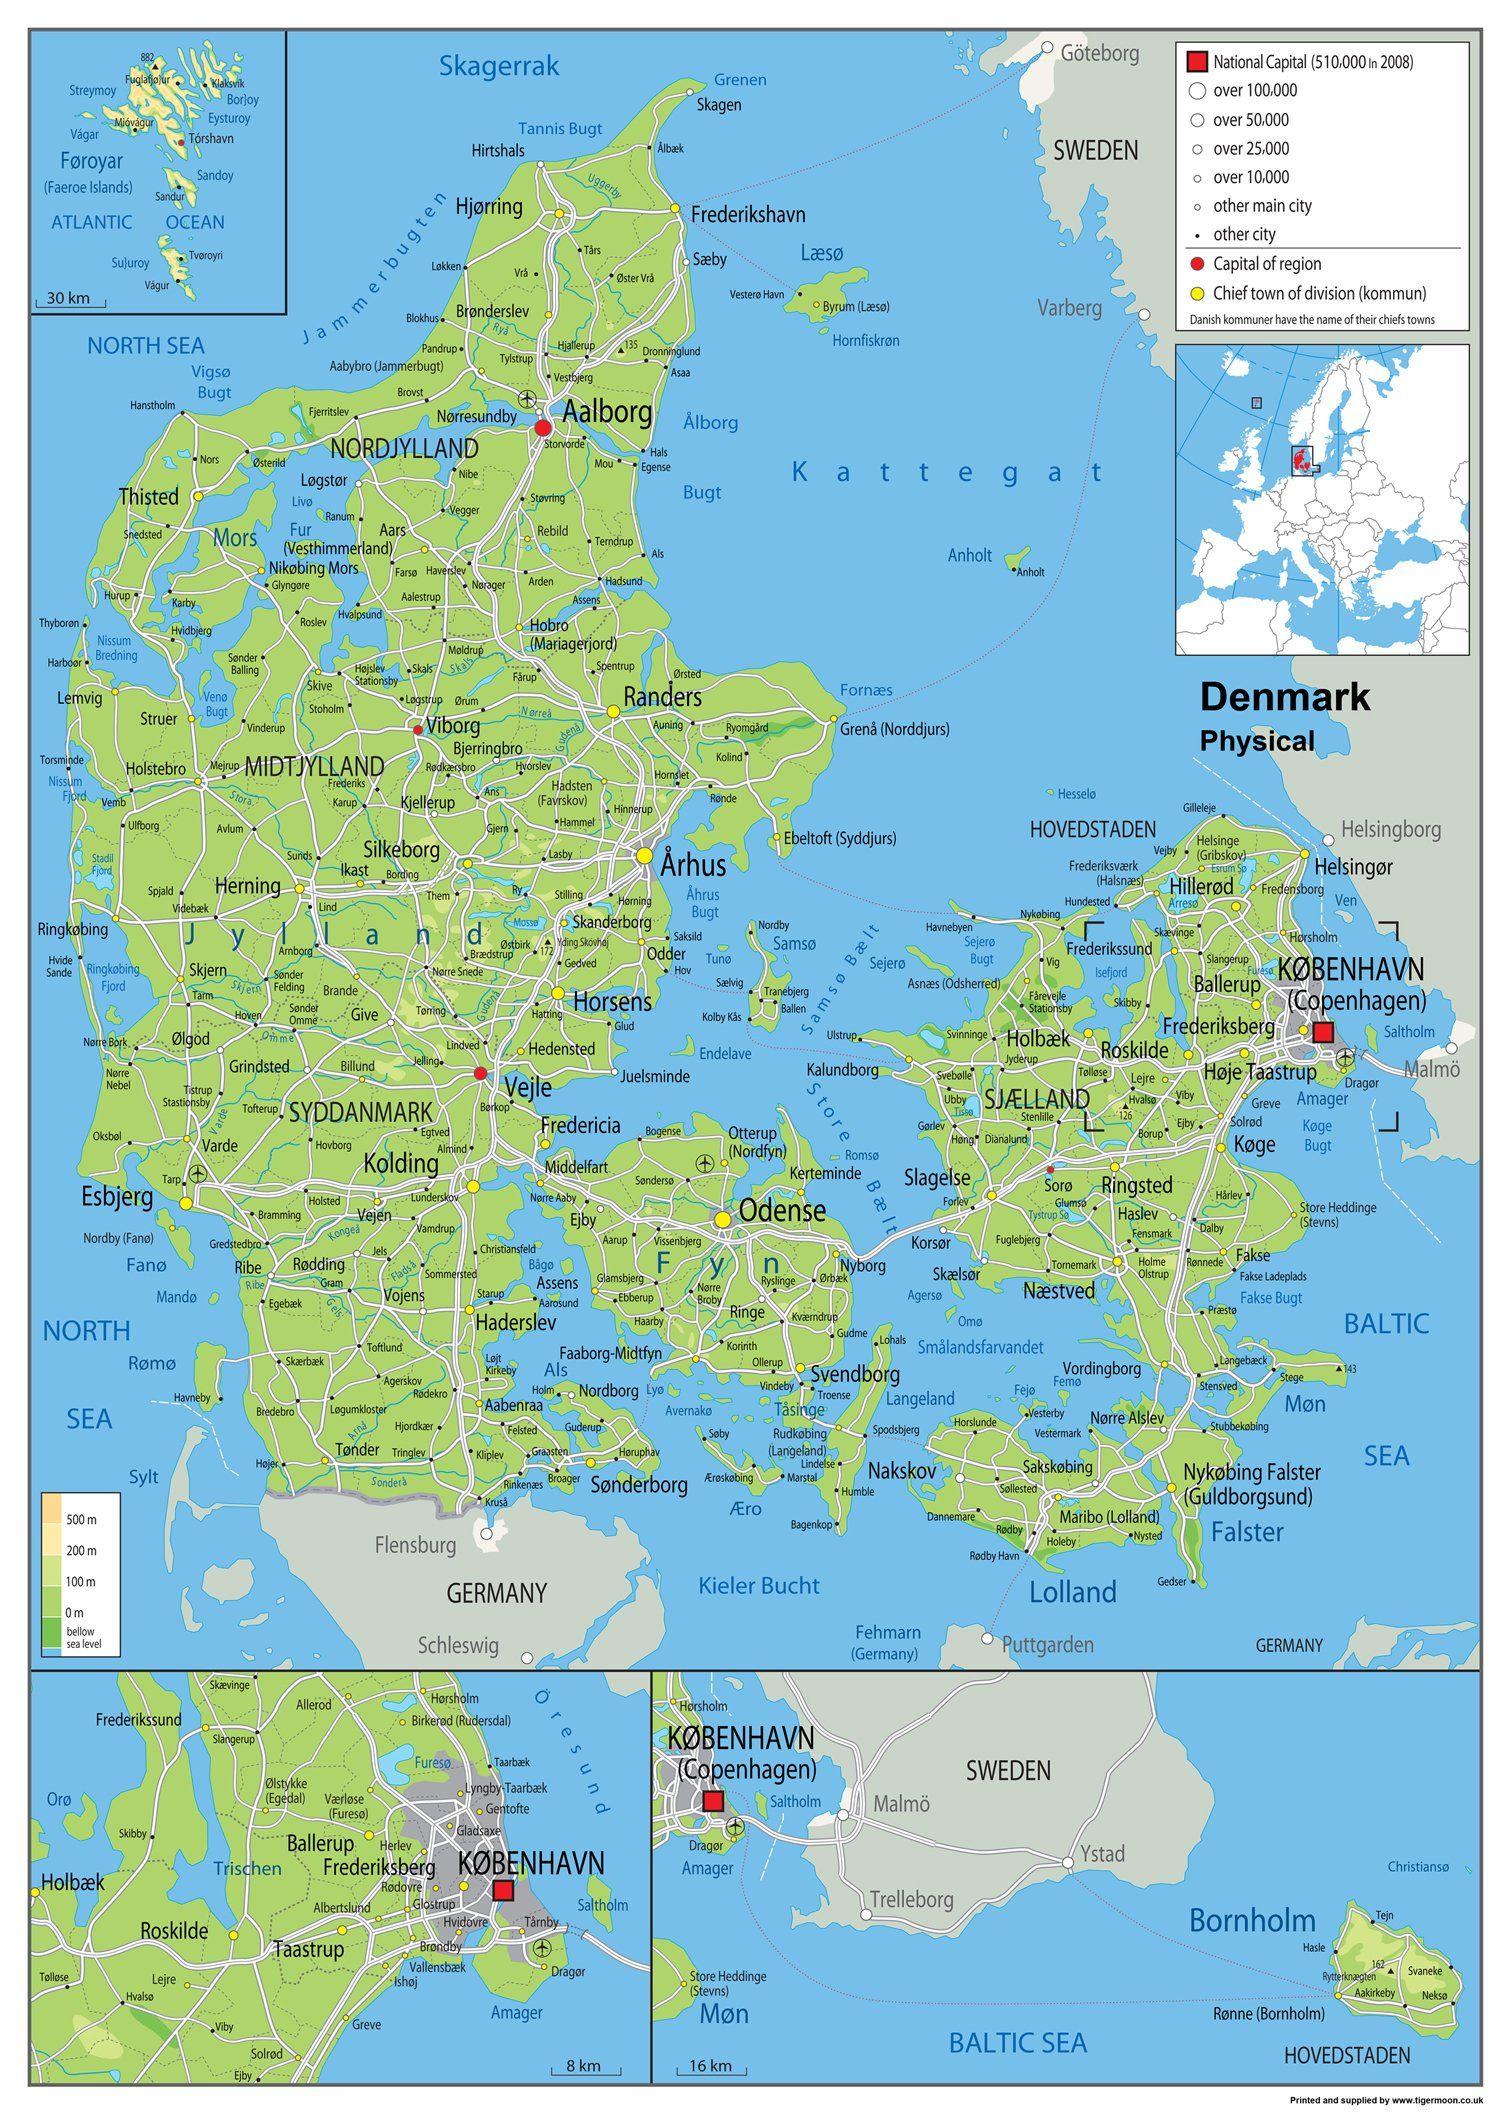 Wandkarte Physische Karte Von Danemark Laminiertes Papier Ga A1 Size 59 4 X 84 1 Cm In 2020 Karte Von Danemark Danemark Karten